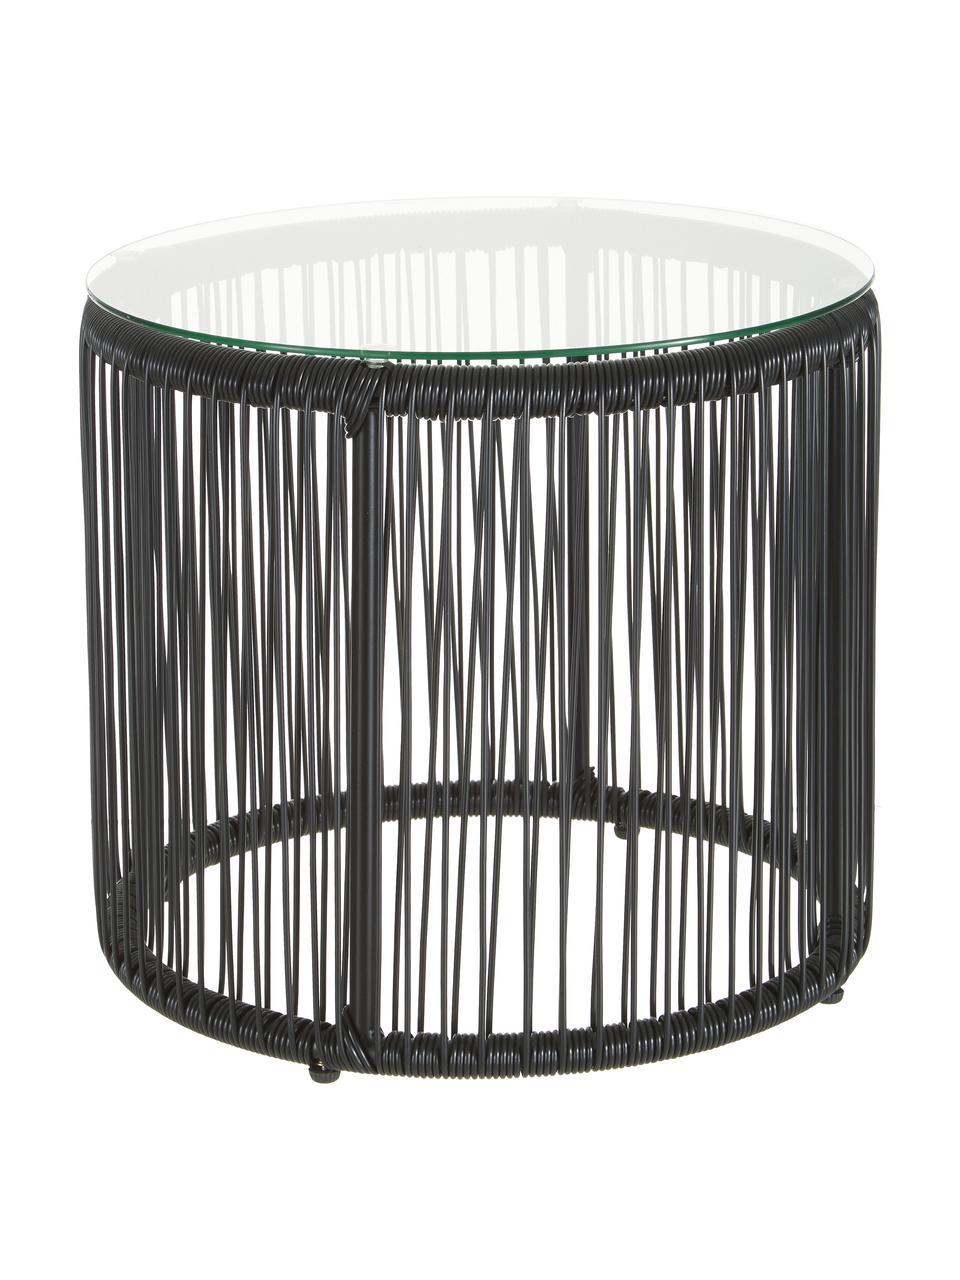 Tavolino con intreccio in plastica Bahia, Piano d'appoggio: vetro, spessore, Struttura: alluminio verniciato a po, Piano d'appoggio: trasparente Lati e struttura: nero, Ø 50 x Alt. 45 cm